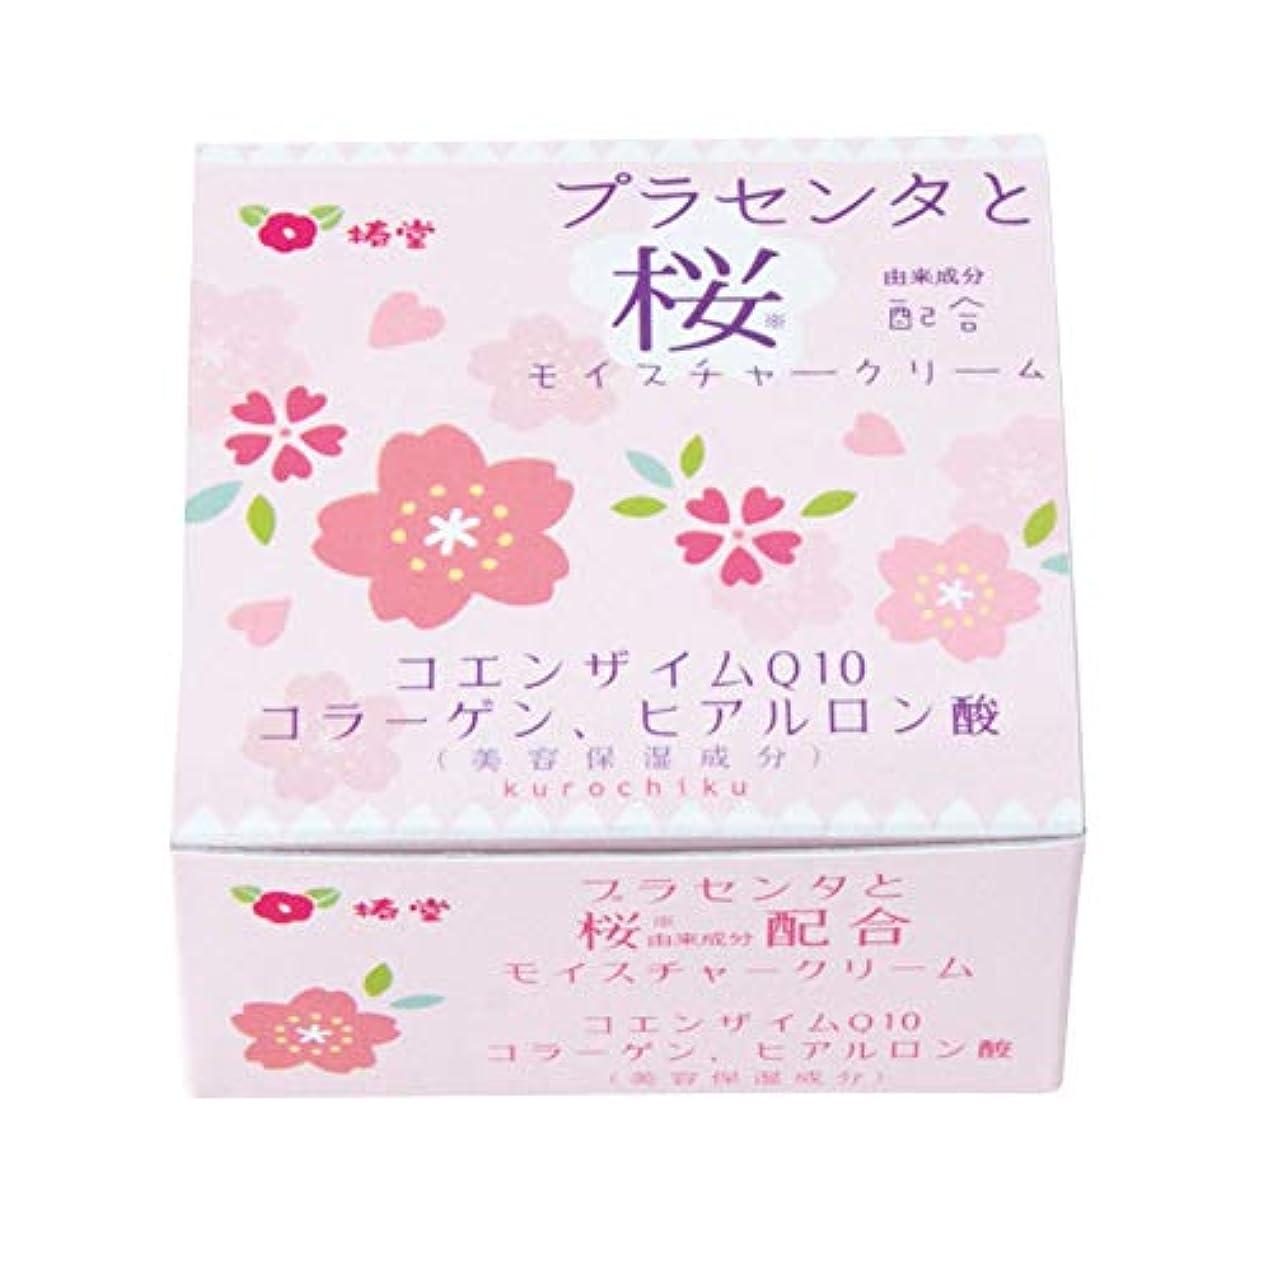 癌光電カッター椿堂 桜モイスチャークリーム (プラセンタと桜) 京都くろちく